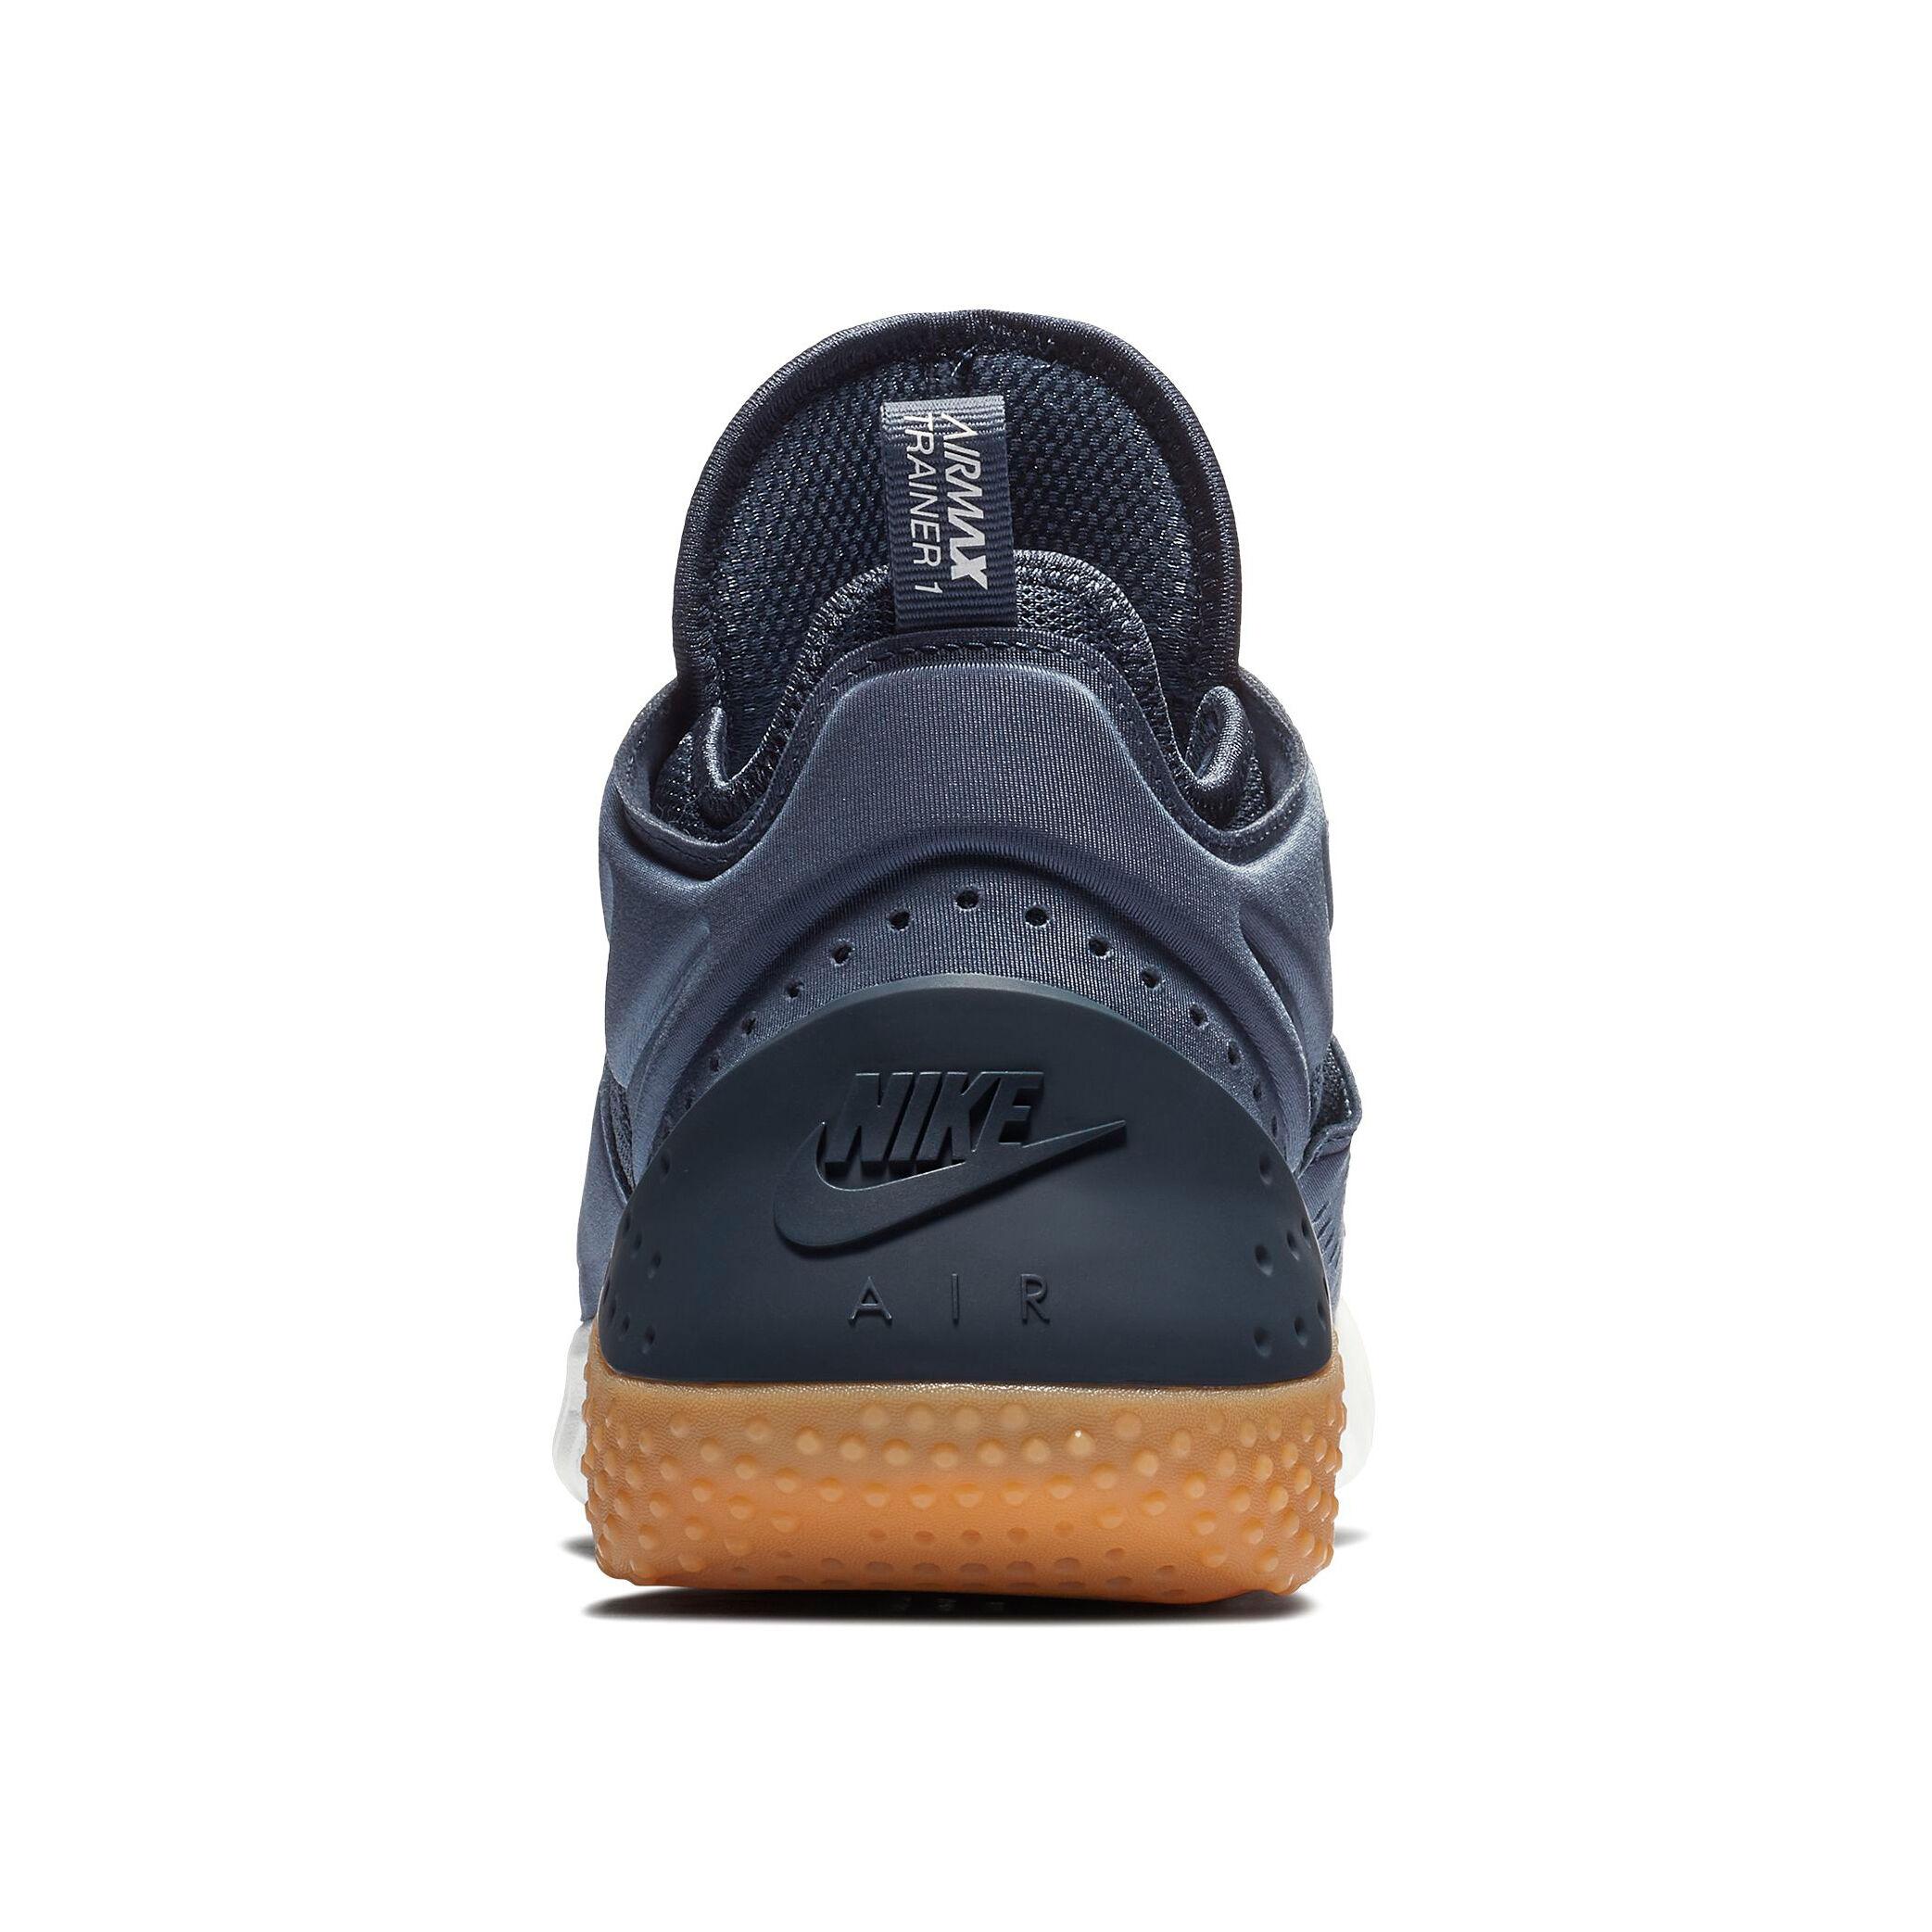 Nike Air Max Fitnessschuh Herren Dunkelblau, Weiß online